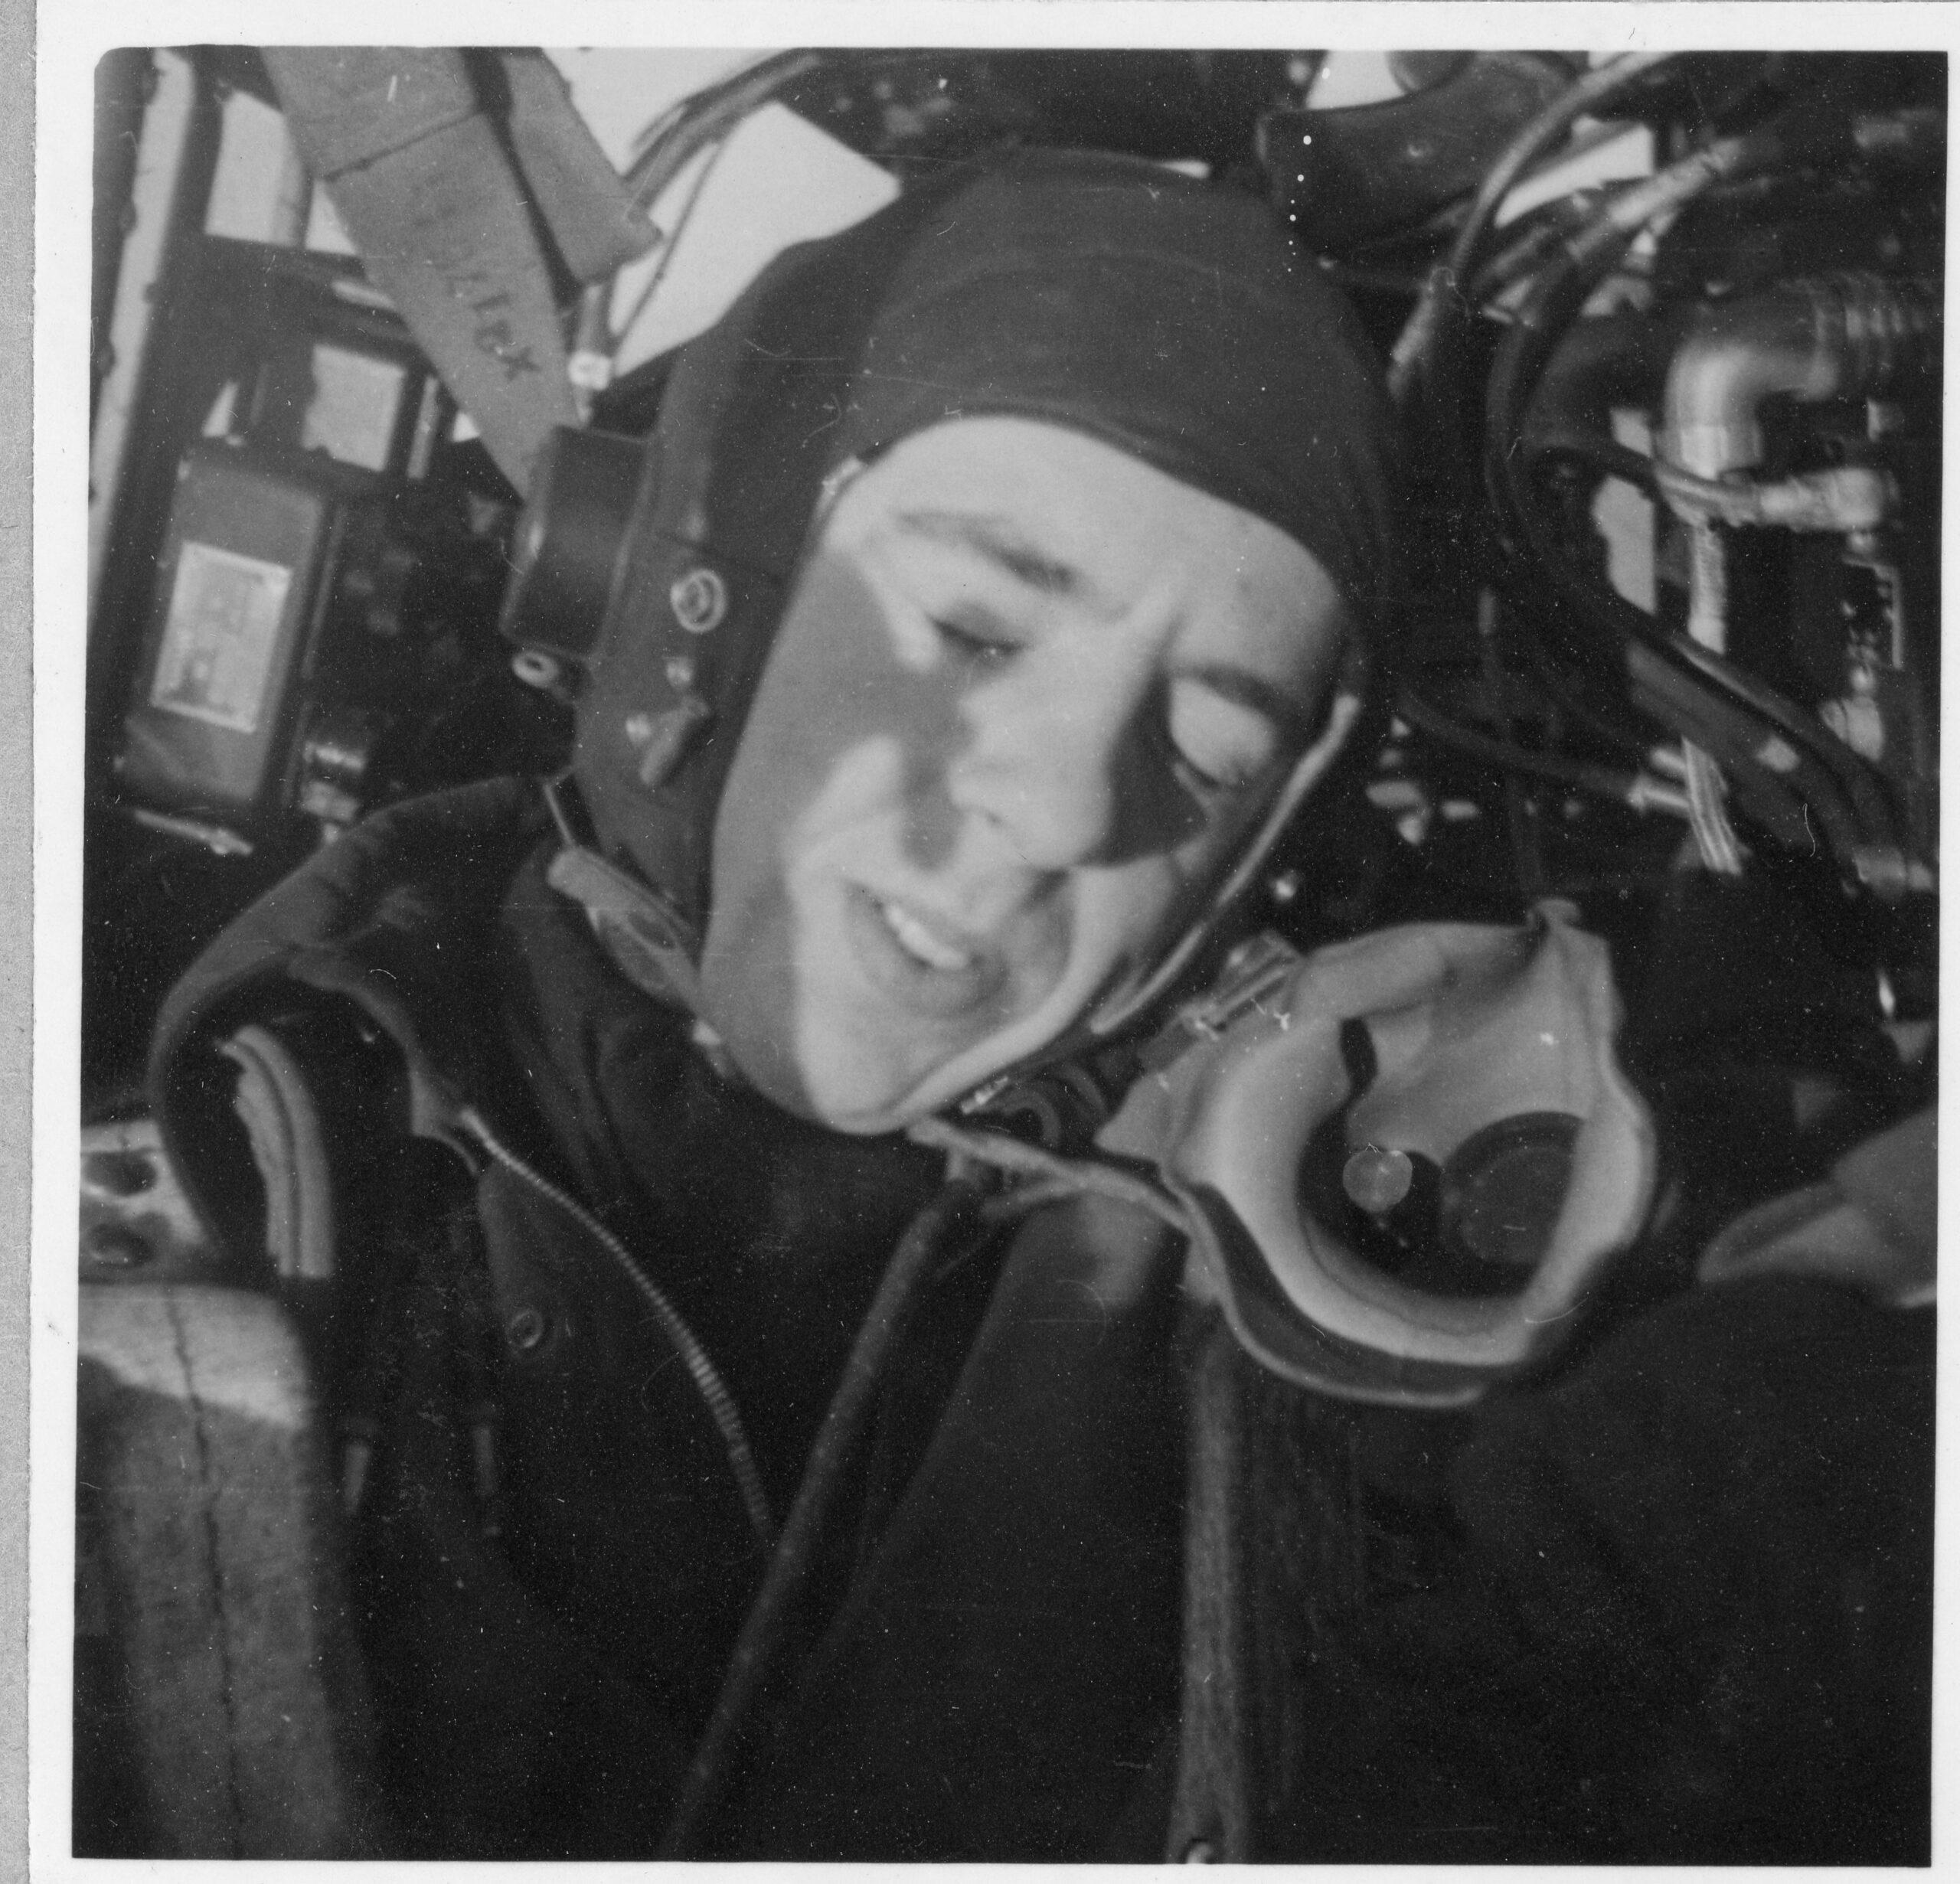 Anders Rogberg var tidig med att ta selfies. Här ser vi honom i cockpiten. Foto: Lighray Productions.